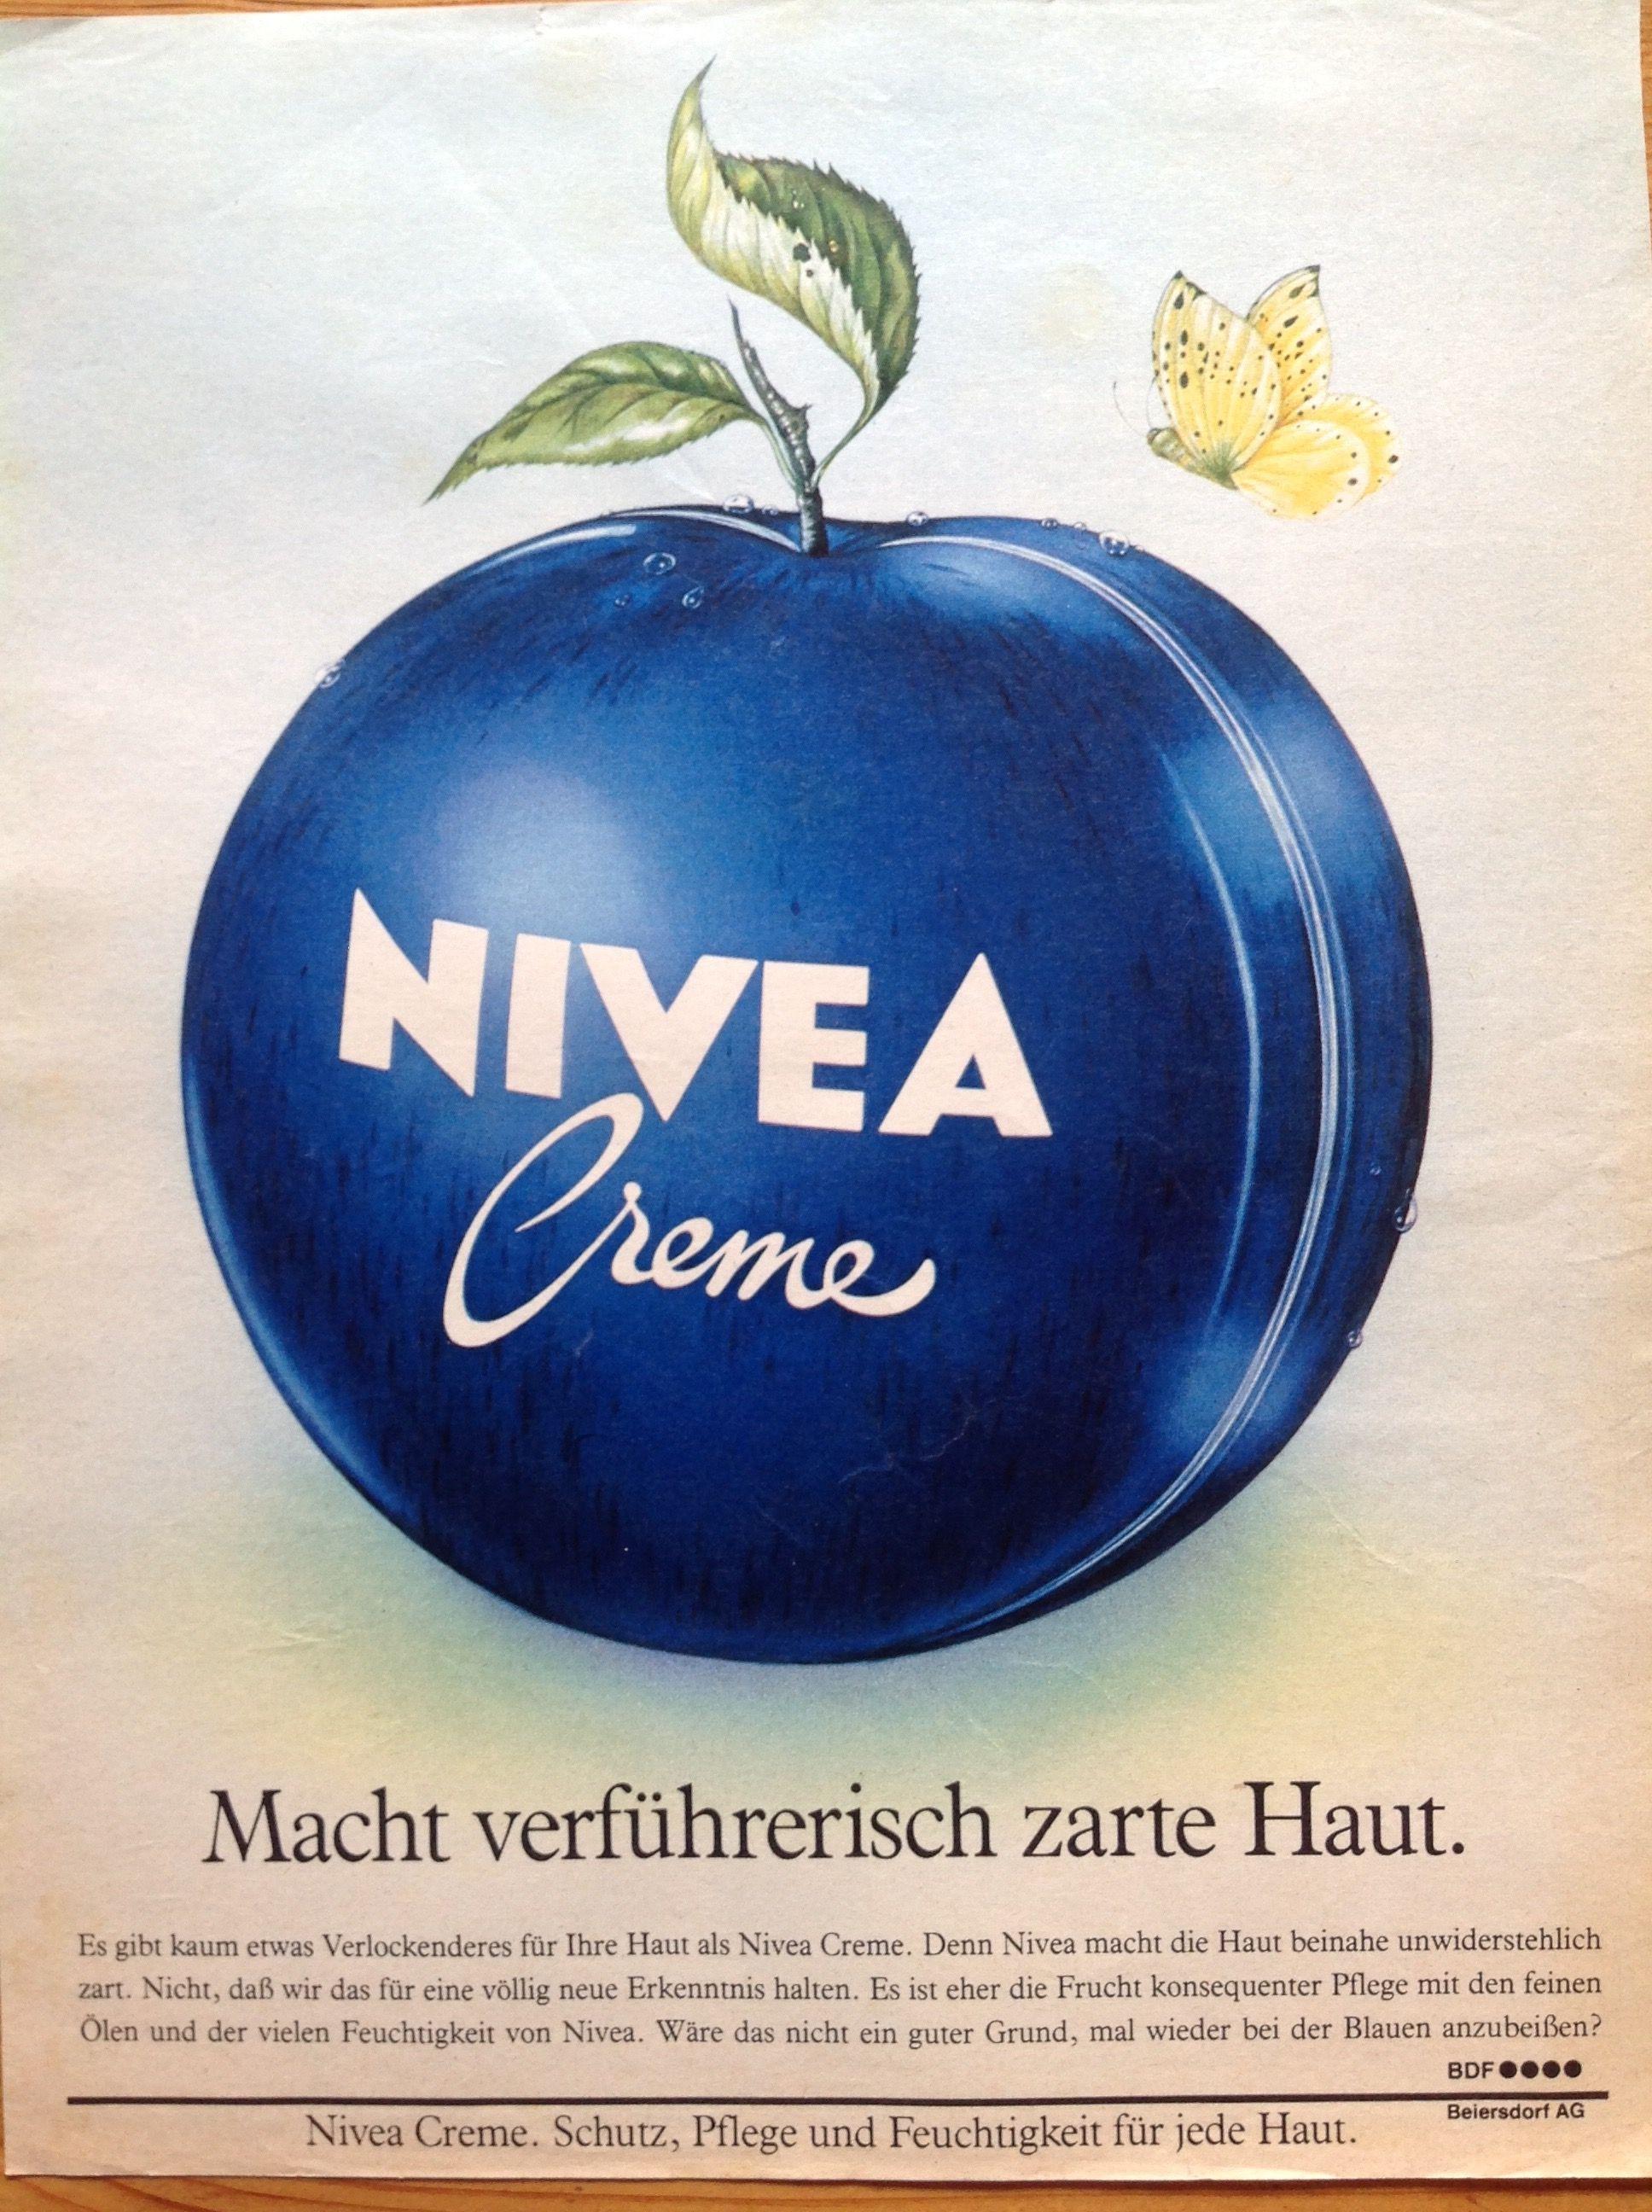 pin von amarinlafuente auf nivea | werbung, vintage, früchte